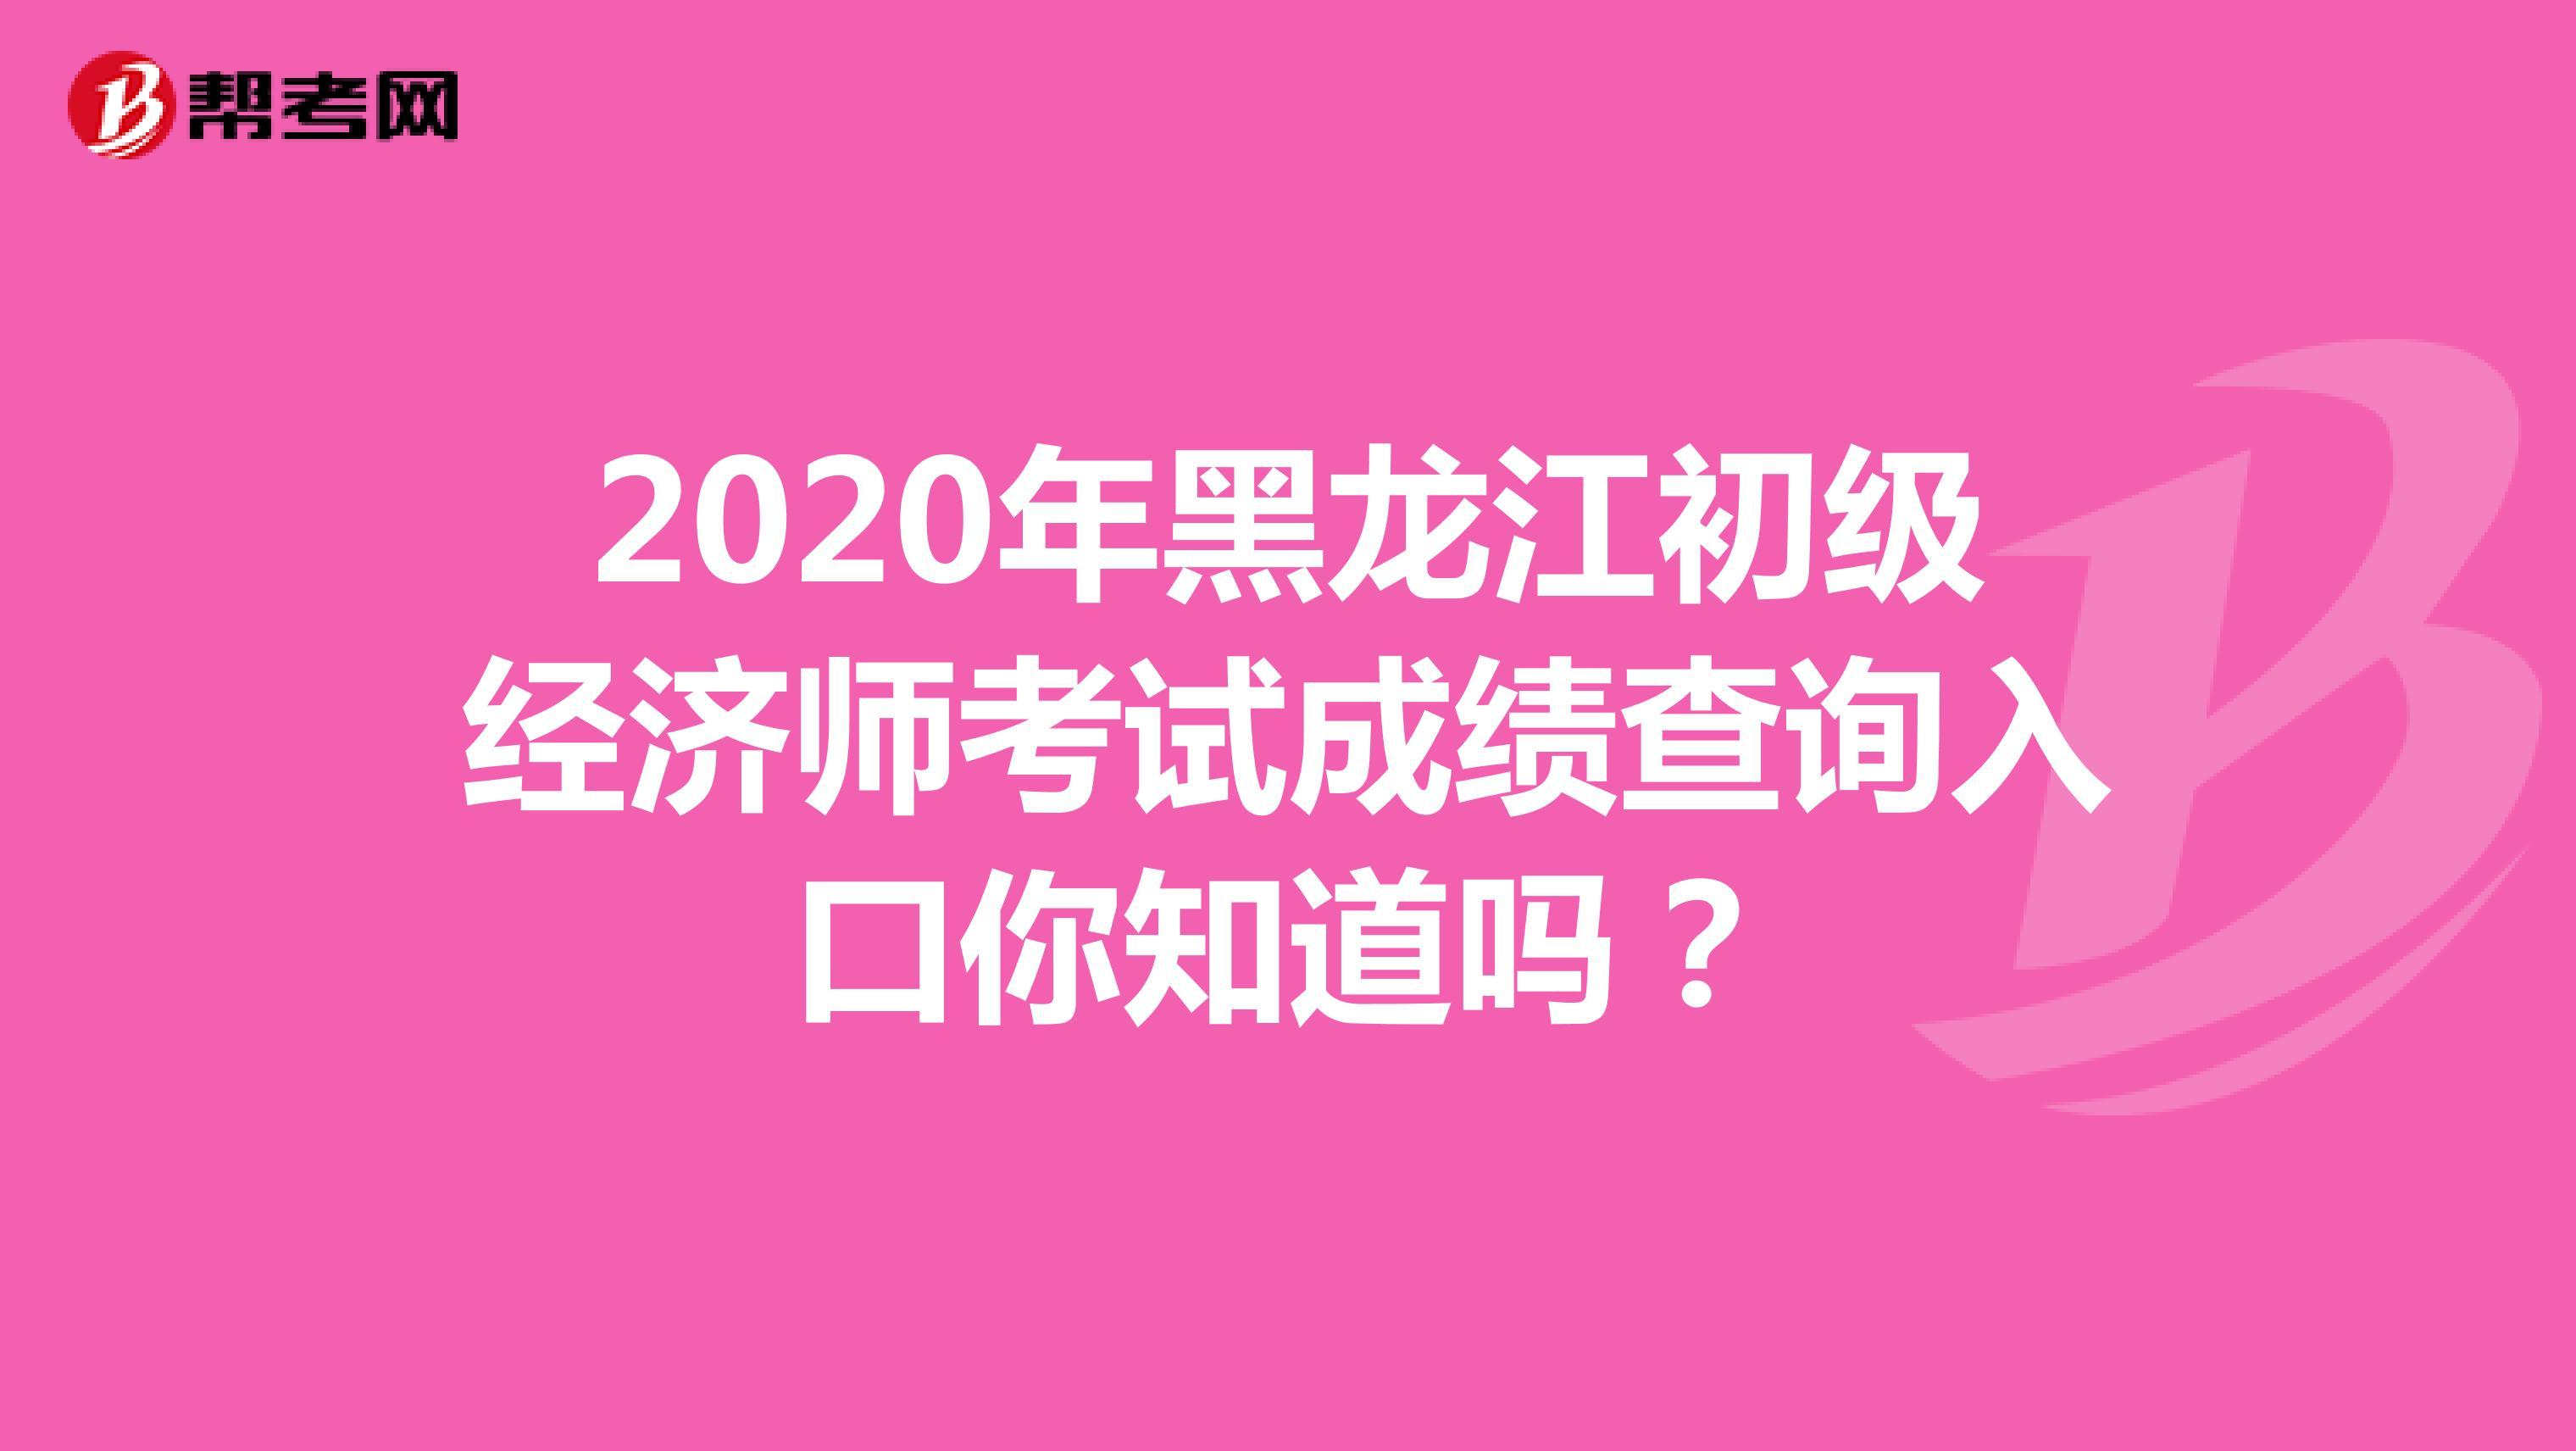 2020年黑龙江app下载雷火电竞查询入口你知道吗?